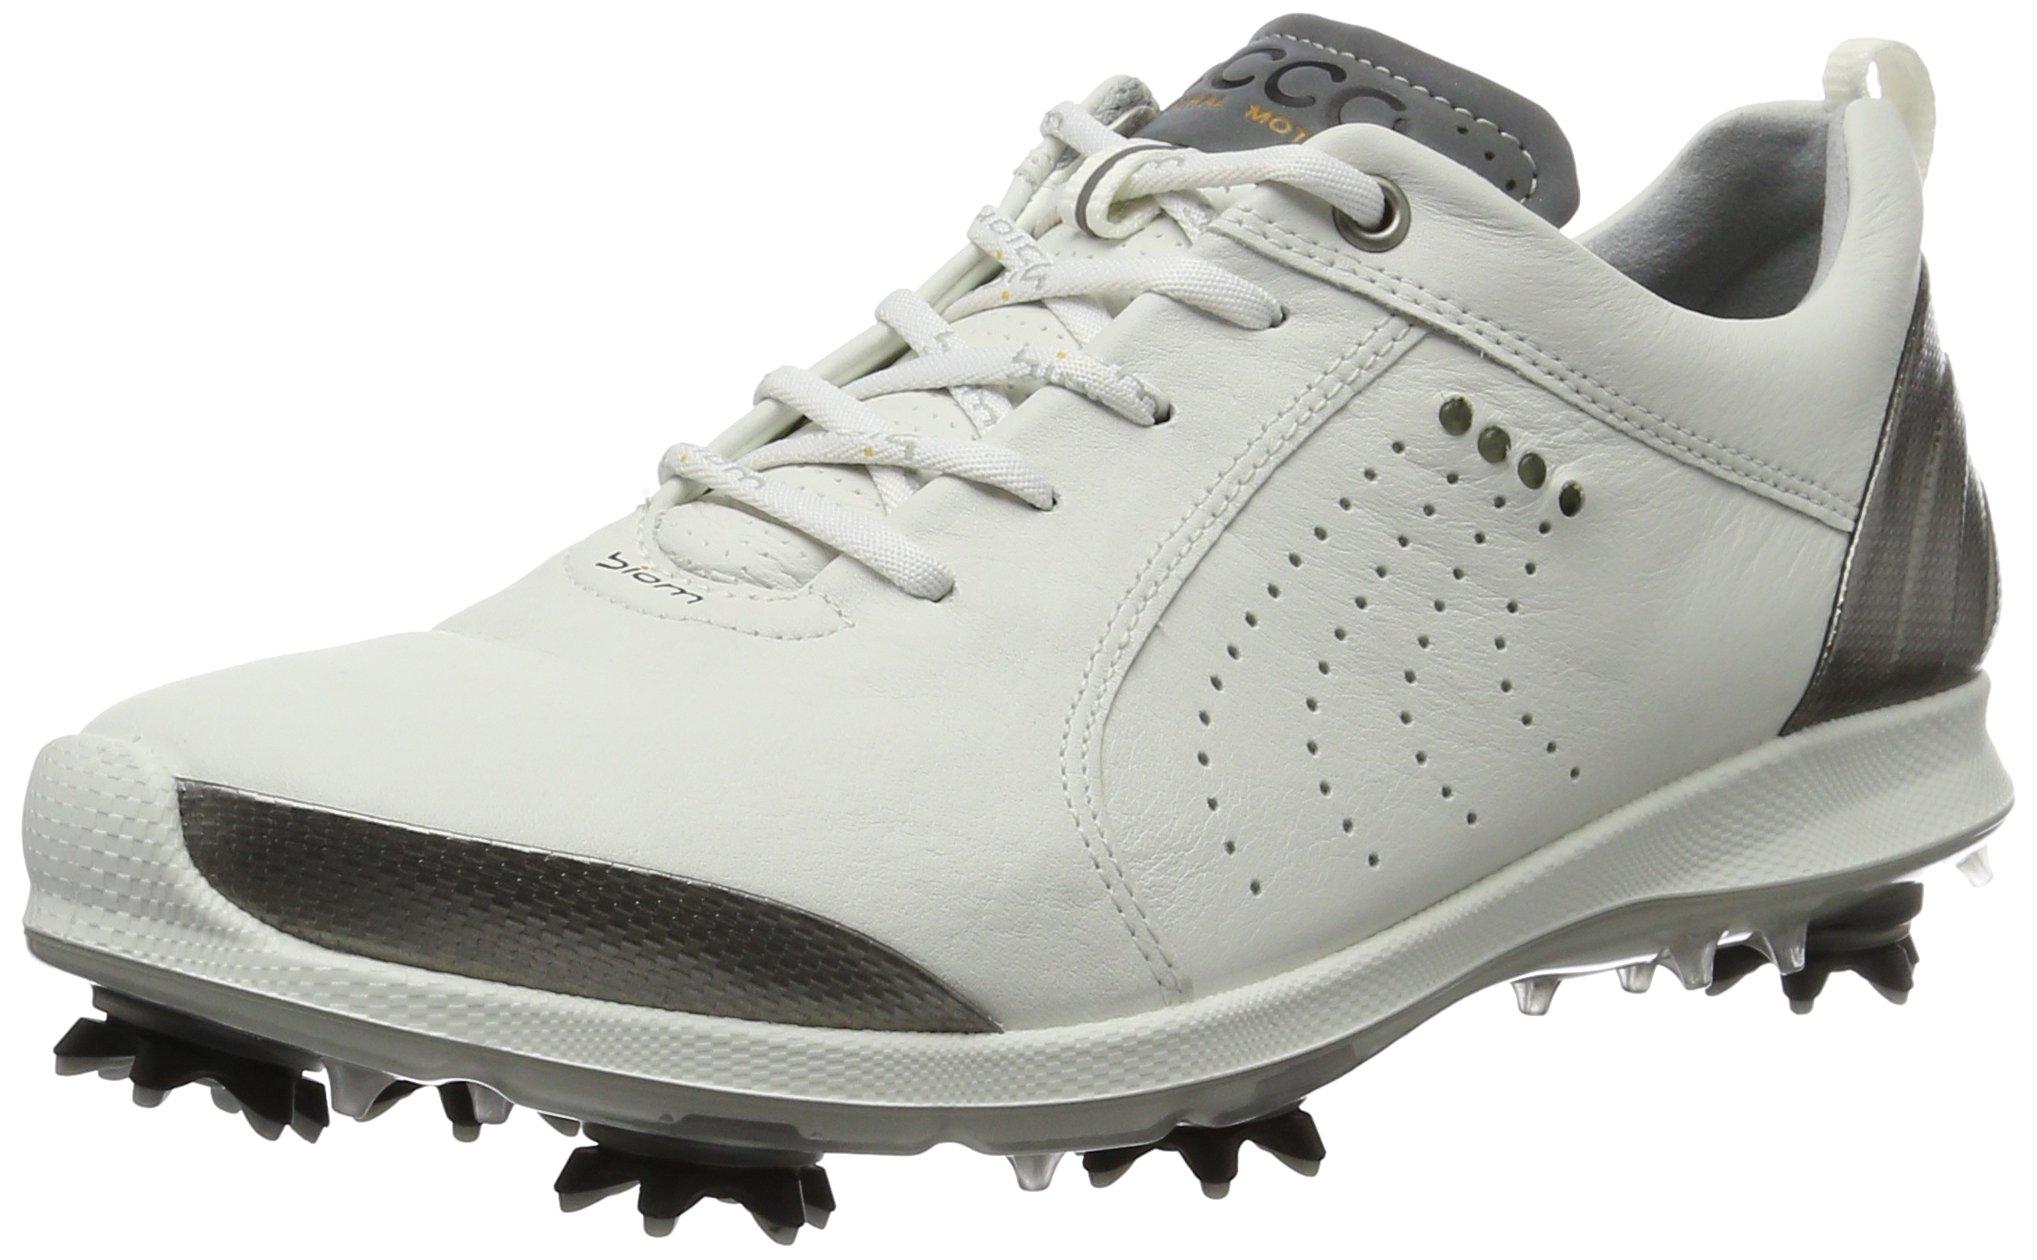 ECCO Women's Biom G 2 Free Golf Shoe, White/Buffed Silver, 36 EU/5-5.5 M US